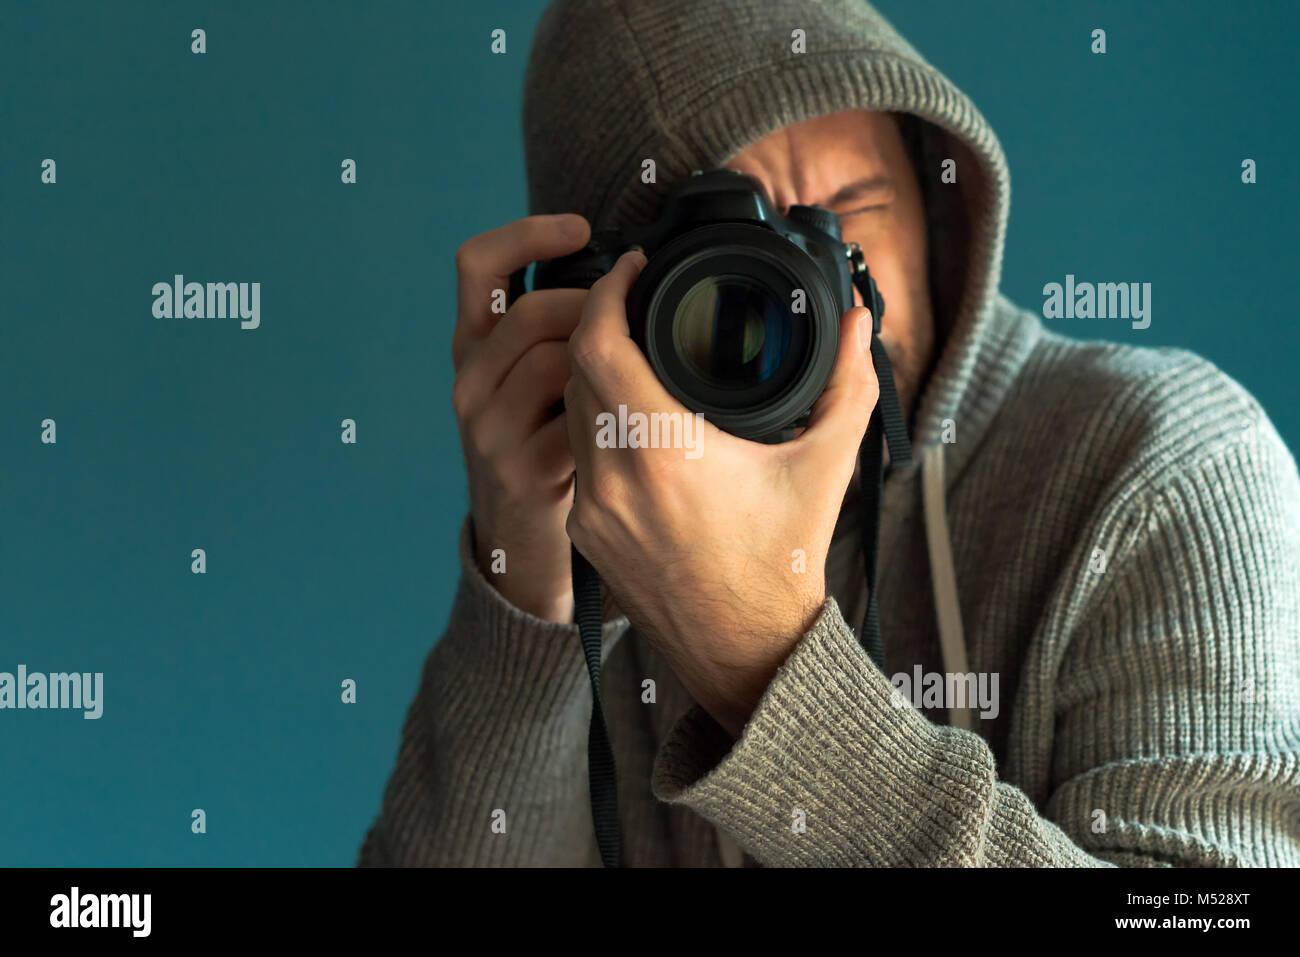 El fotógrafo mantiene el sensor de fotograma completo de la cámara ...